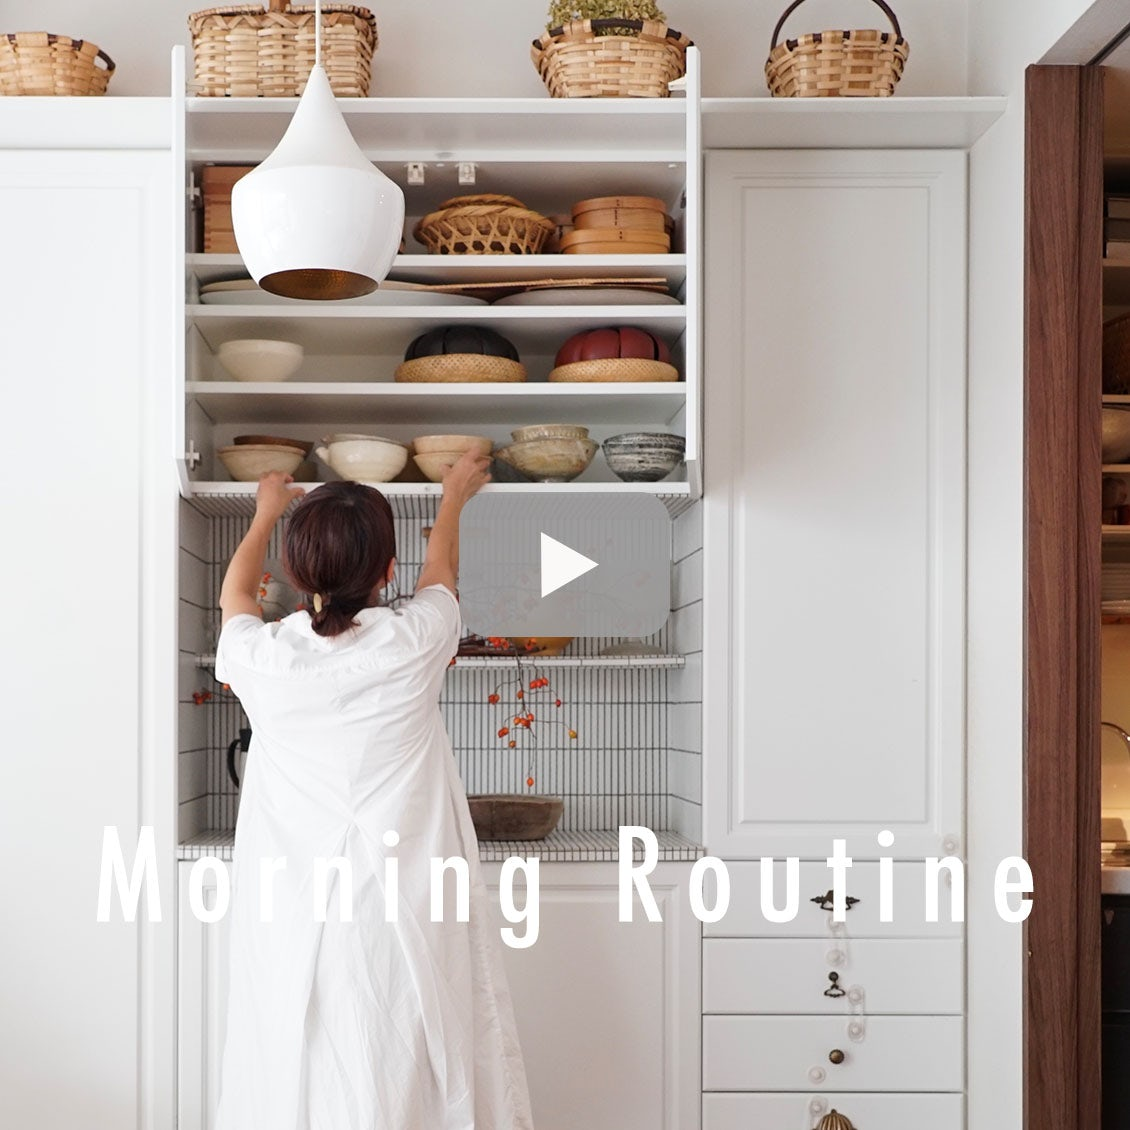 【わたしの朝習慣】家事の合間にドリンクで手軽に小休止。自分のペースでつくる心地の良い朝時間